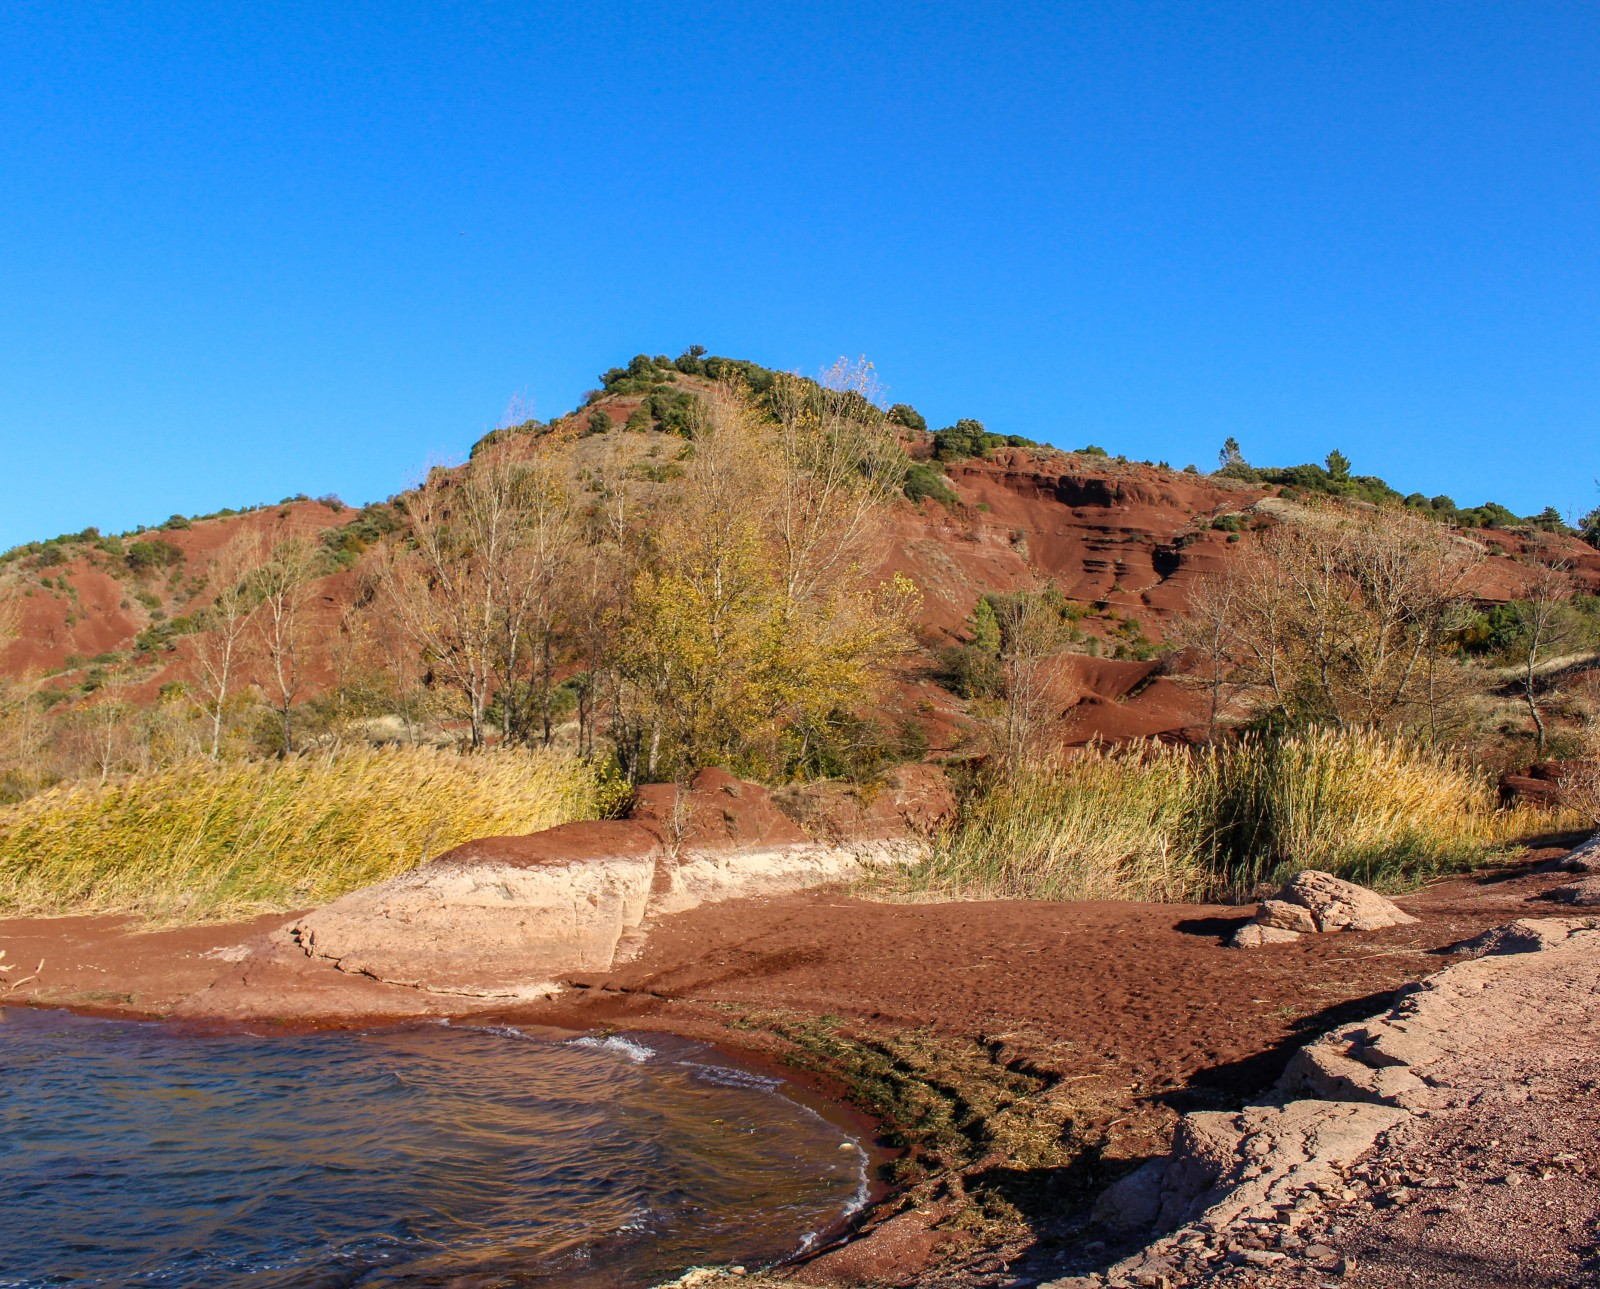 Un site à visiter en Occitanie : le lac du Salagou